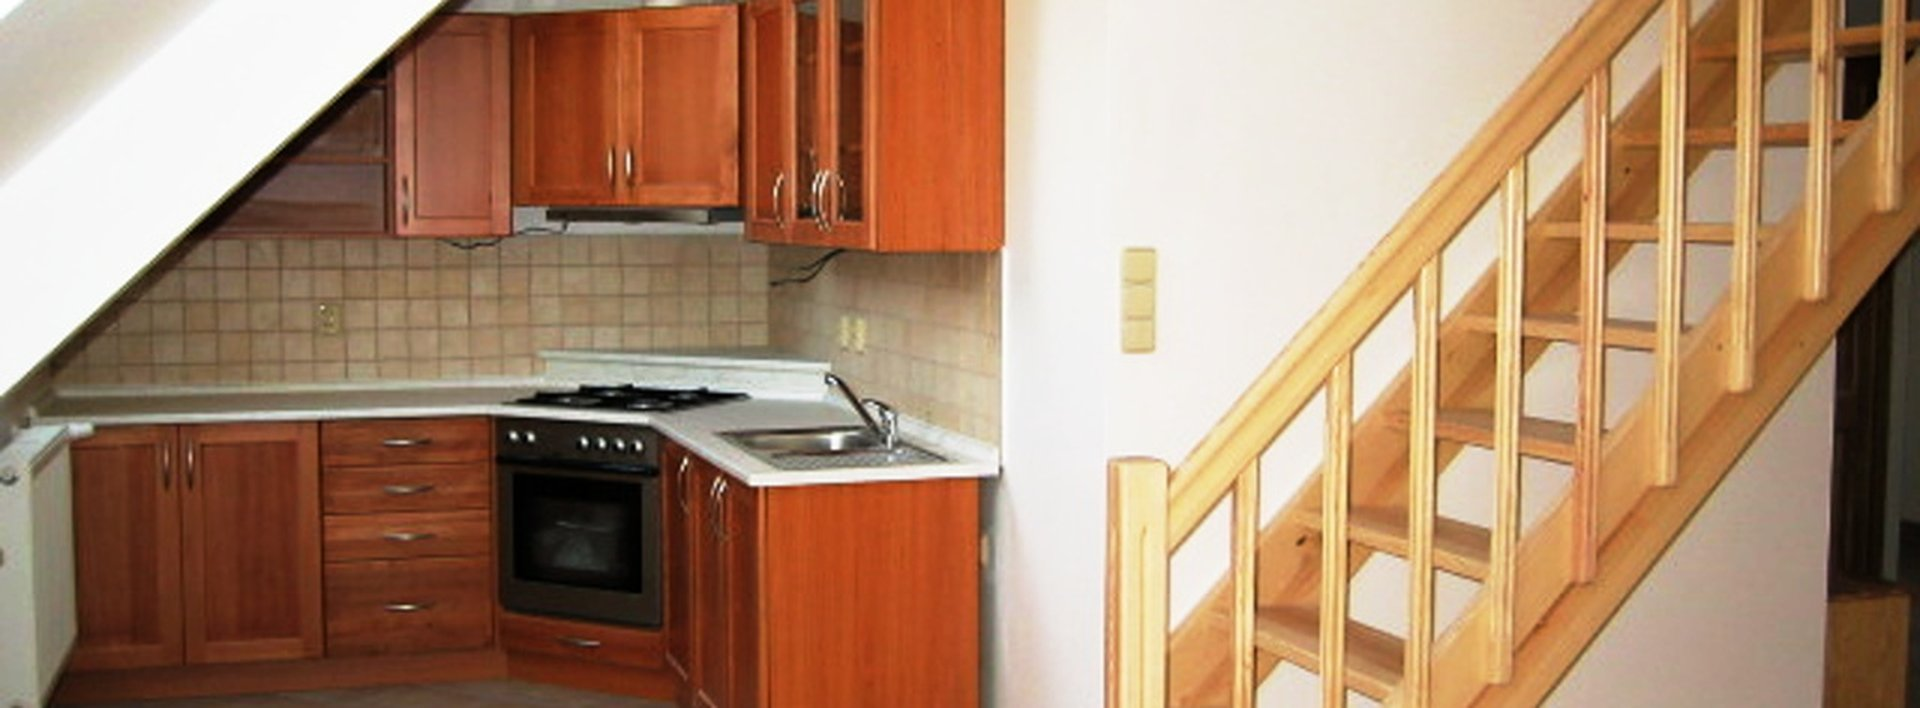 Pronájem podkrovního mezonetového bytu 3+kk s velkou terasou v centru Liberce, Ev.č.: N47358